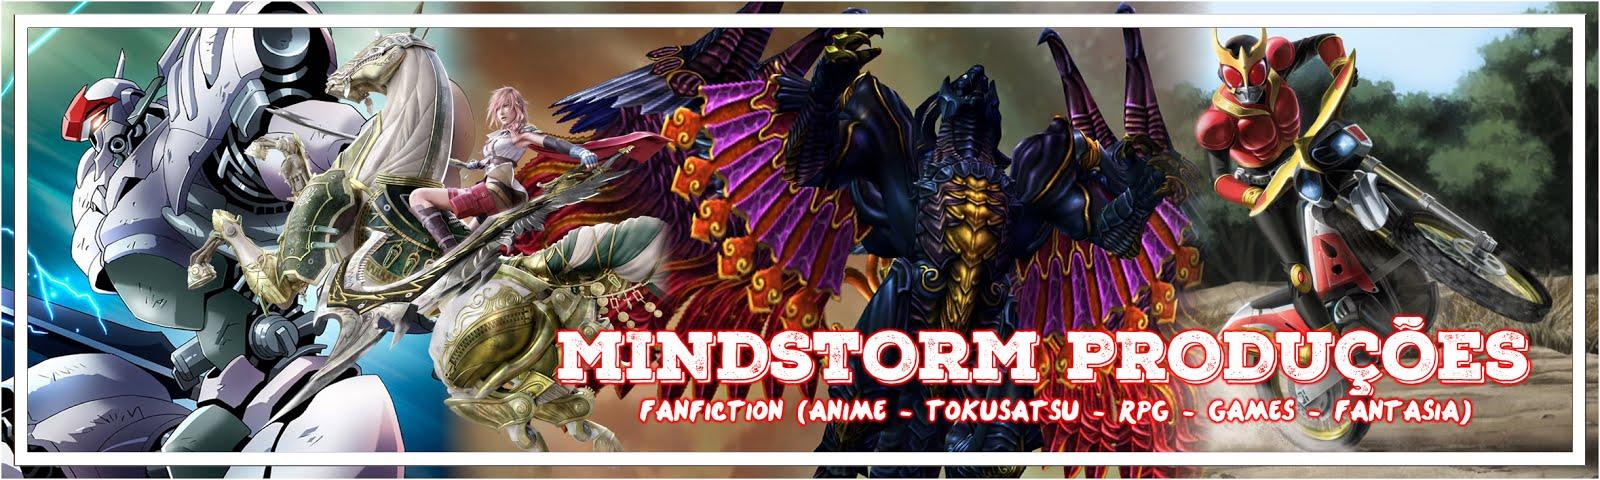 MindStorm Produções